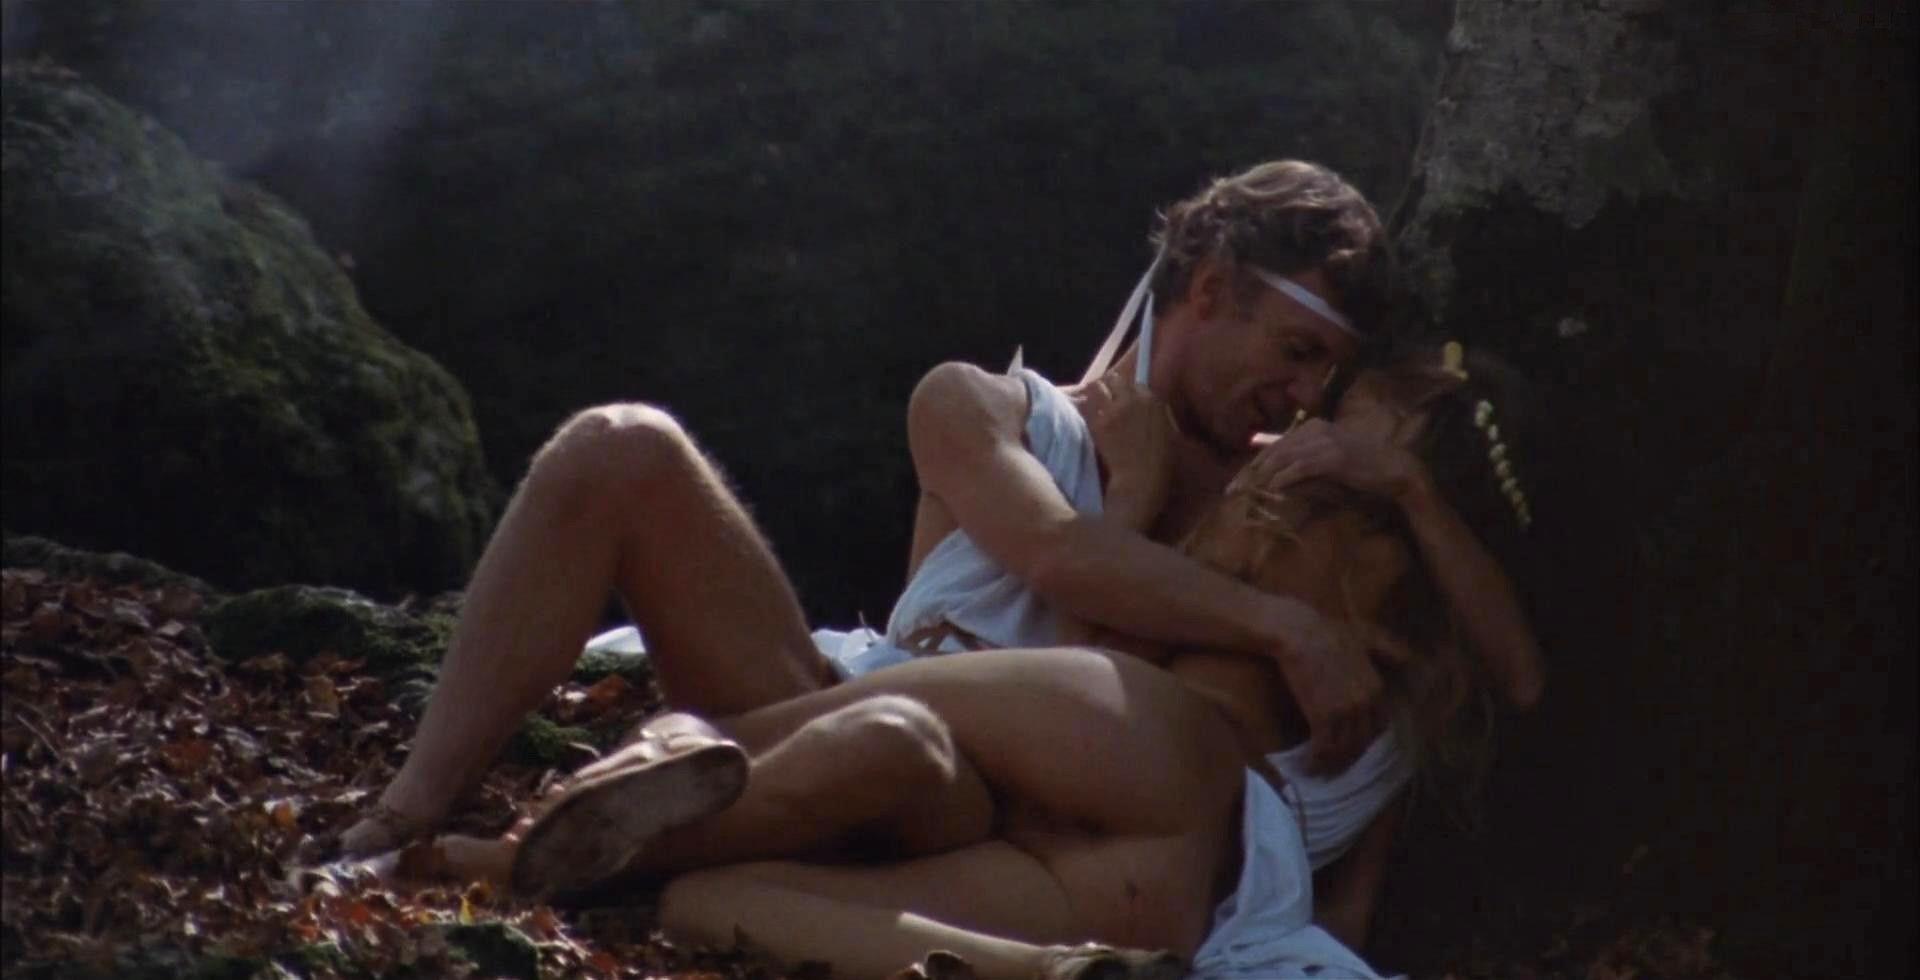 film-sprut-eroticheskie-stseni-russkie-zvezdi-bez-trusov-smotret-video